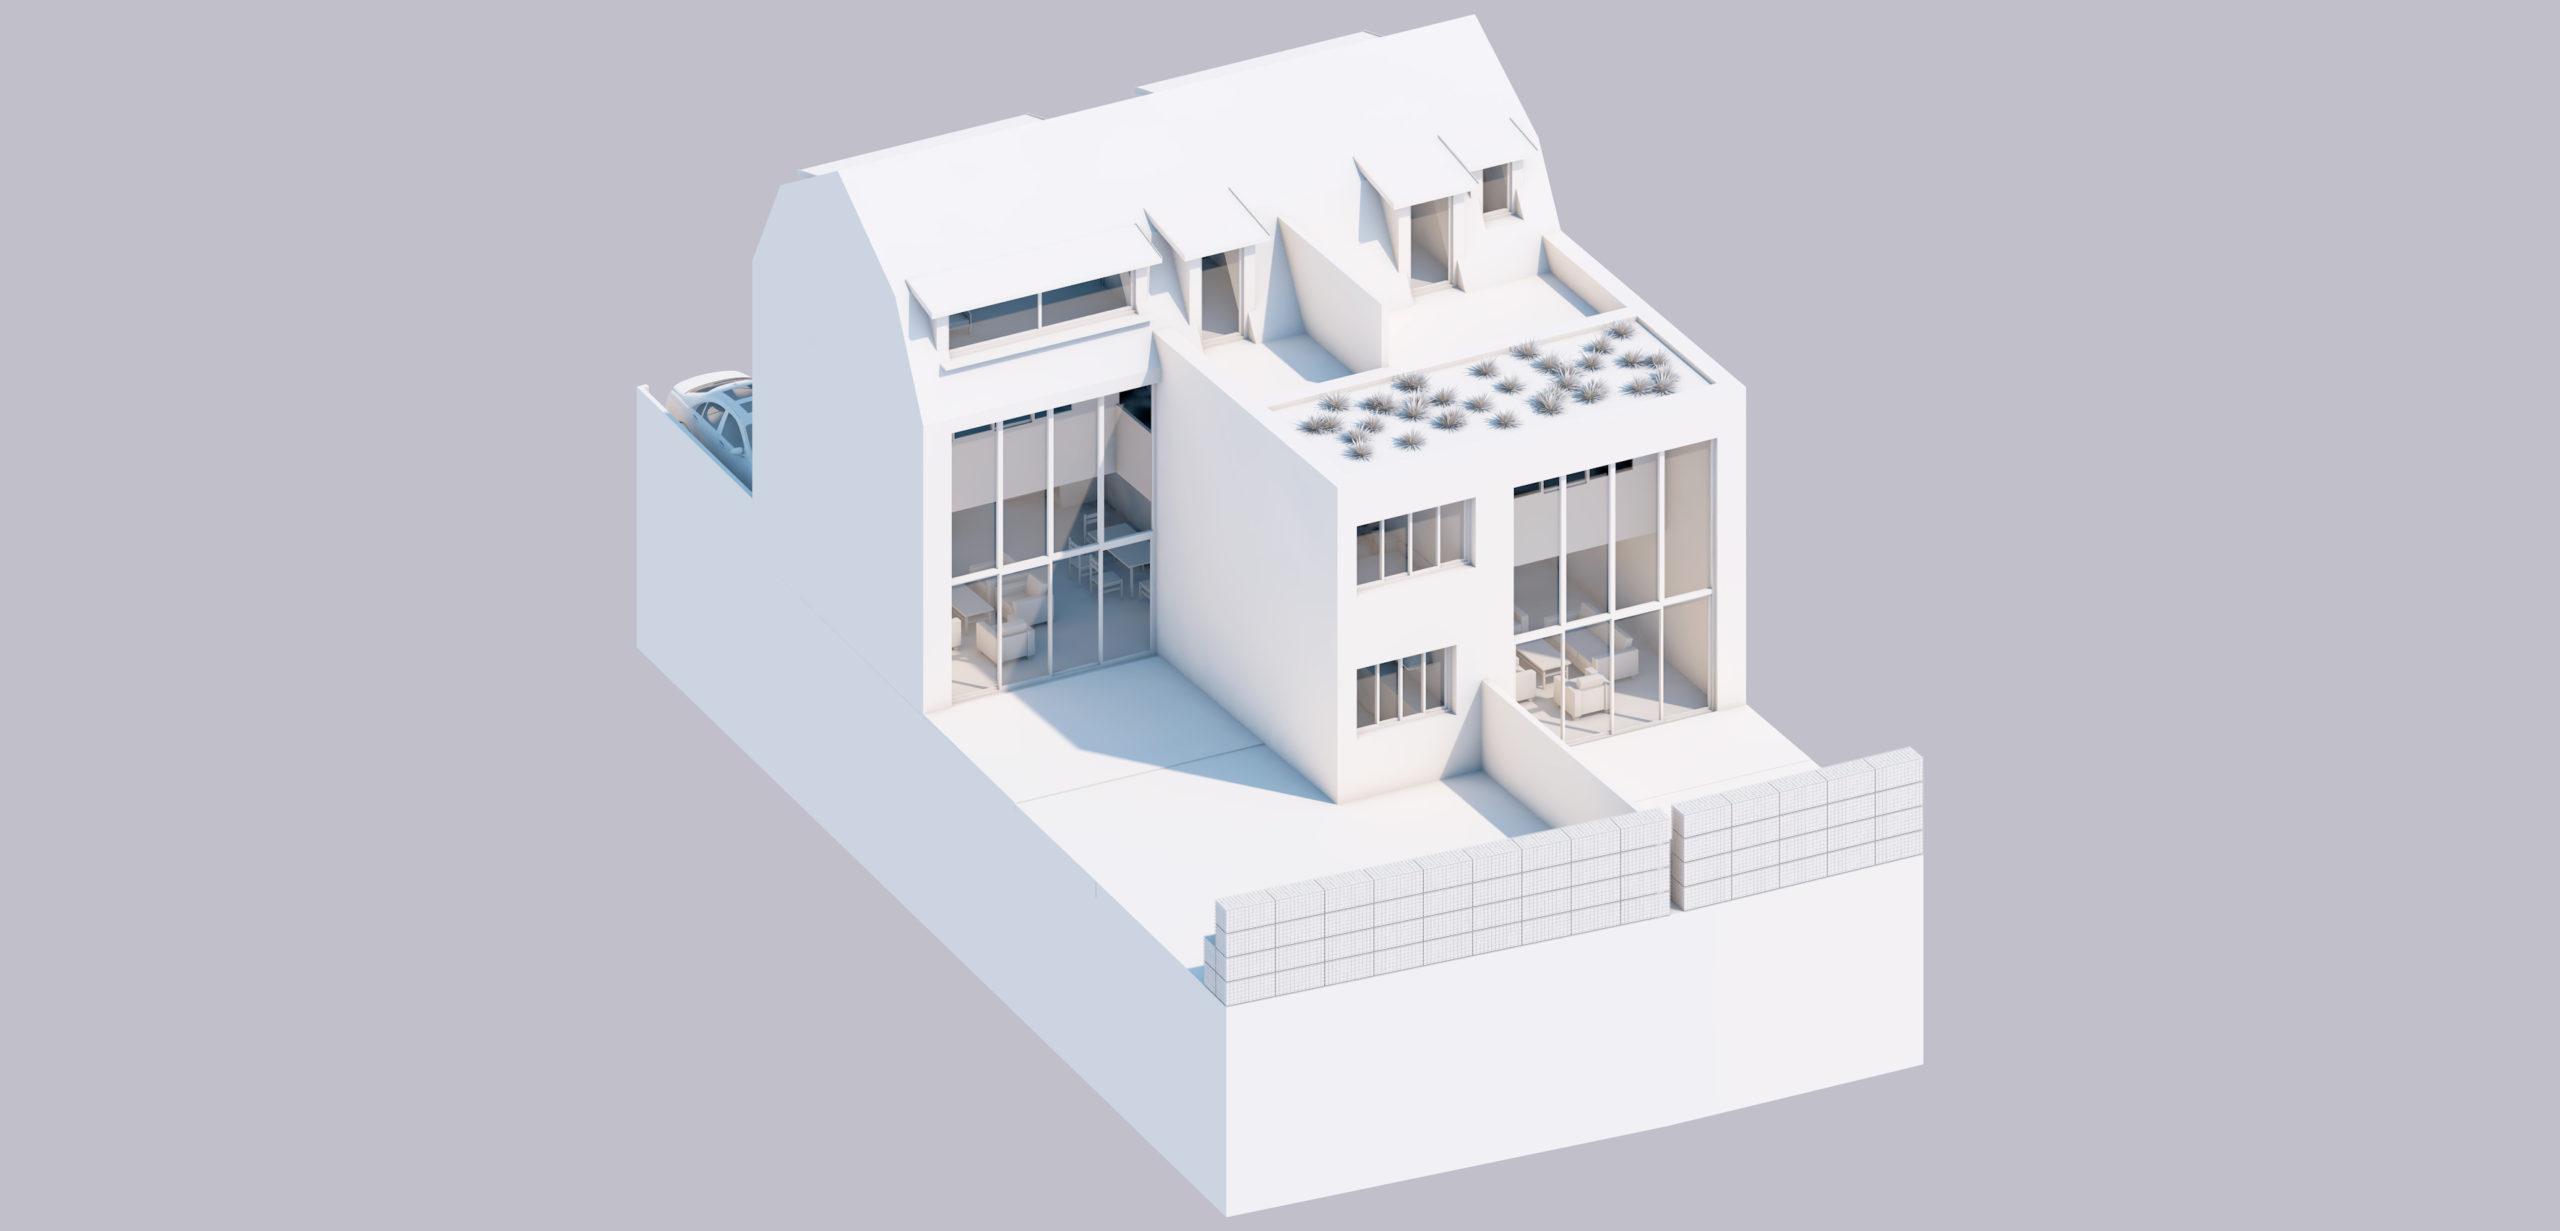 Bienvenue sur le site de Florian Boucher Architecture